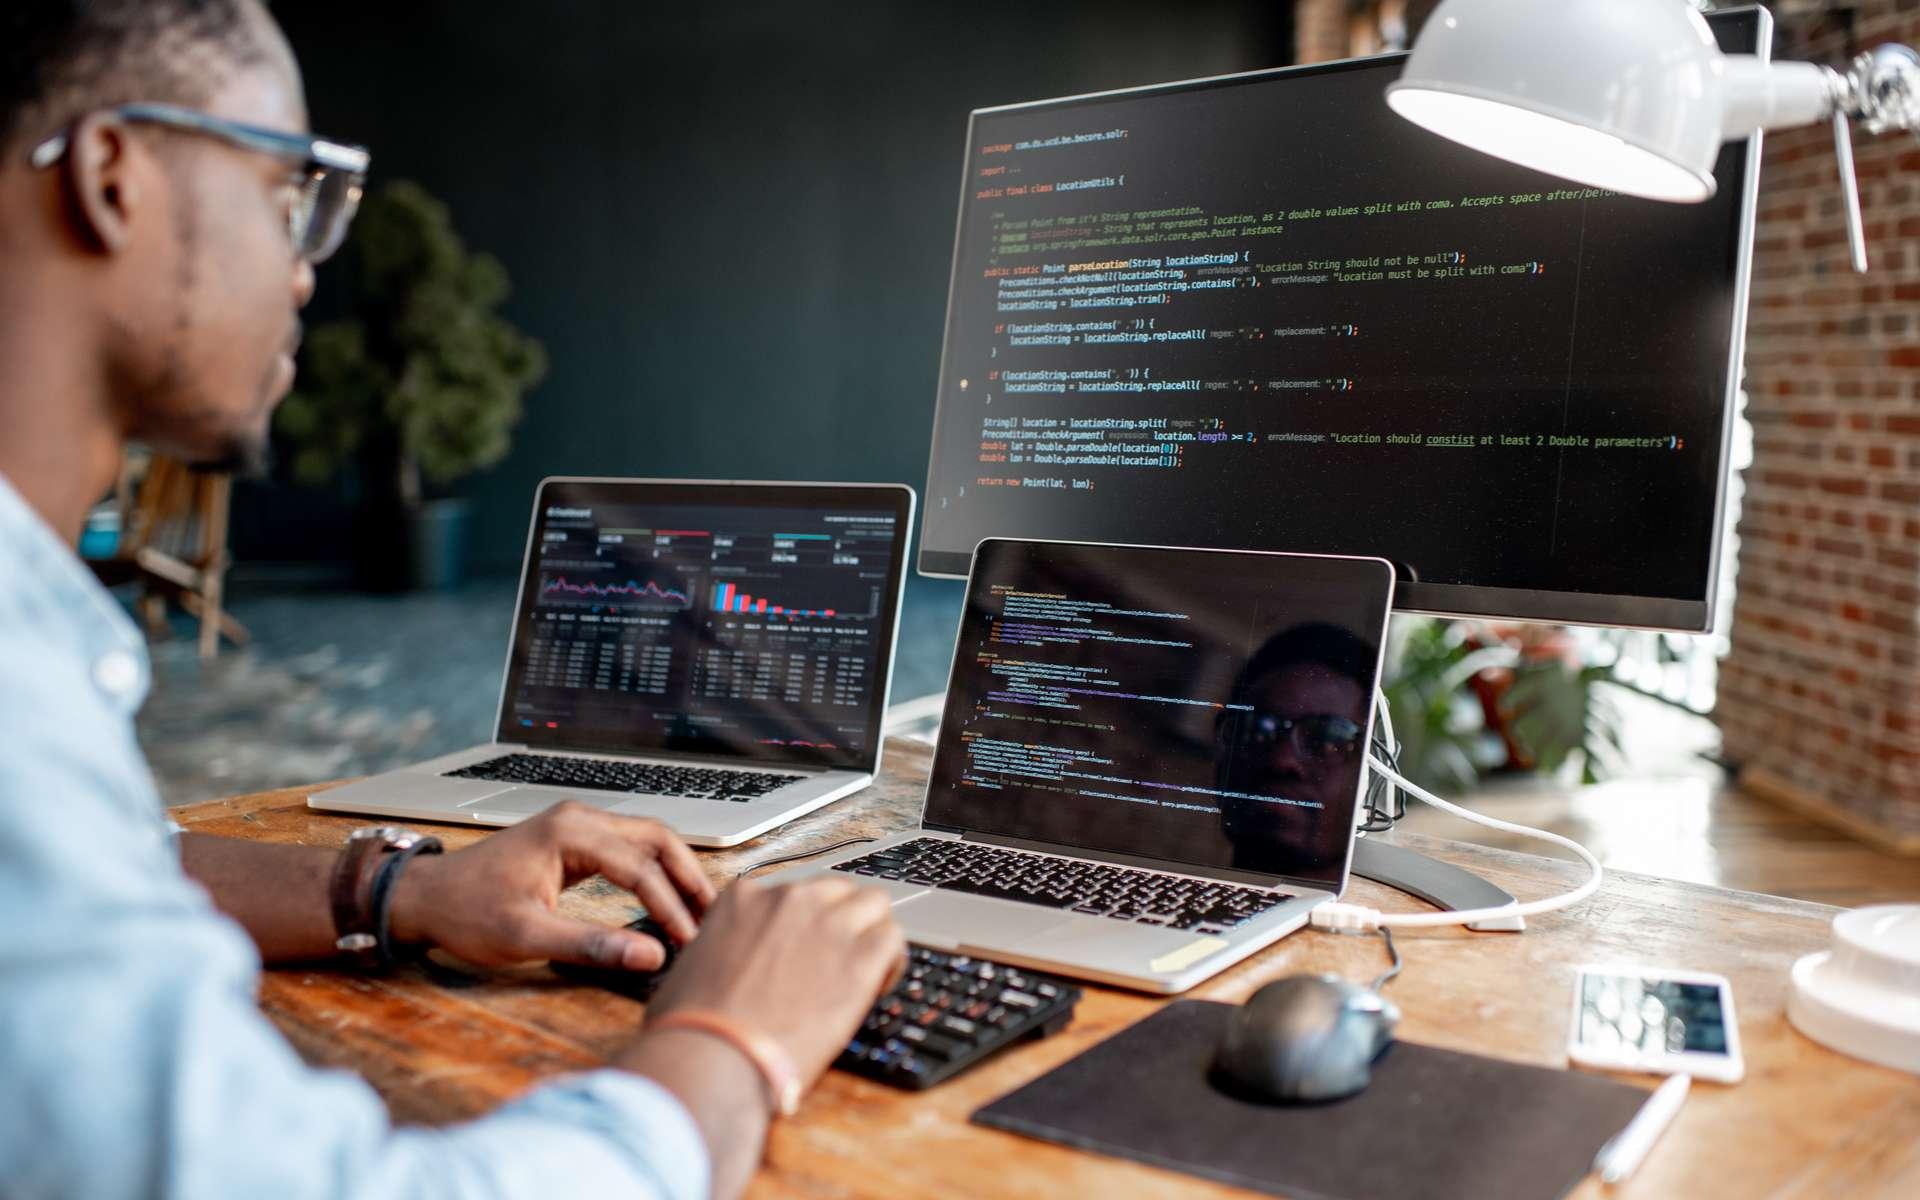 La programmation orientée objet (POO) consiste à définir des classes d'objets, dans lesquelles seront définies les caractéristiques et les actions de ces mêmes objets. © rh2010, Adobe Stock